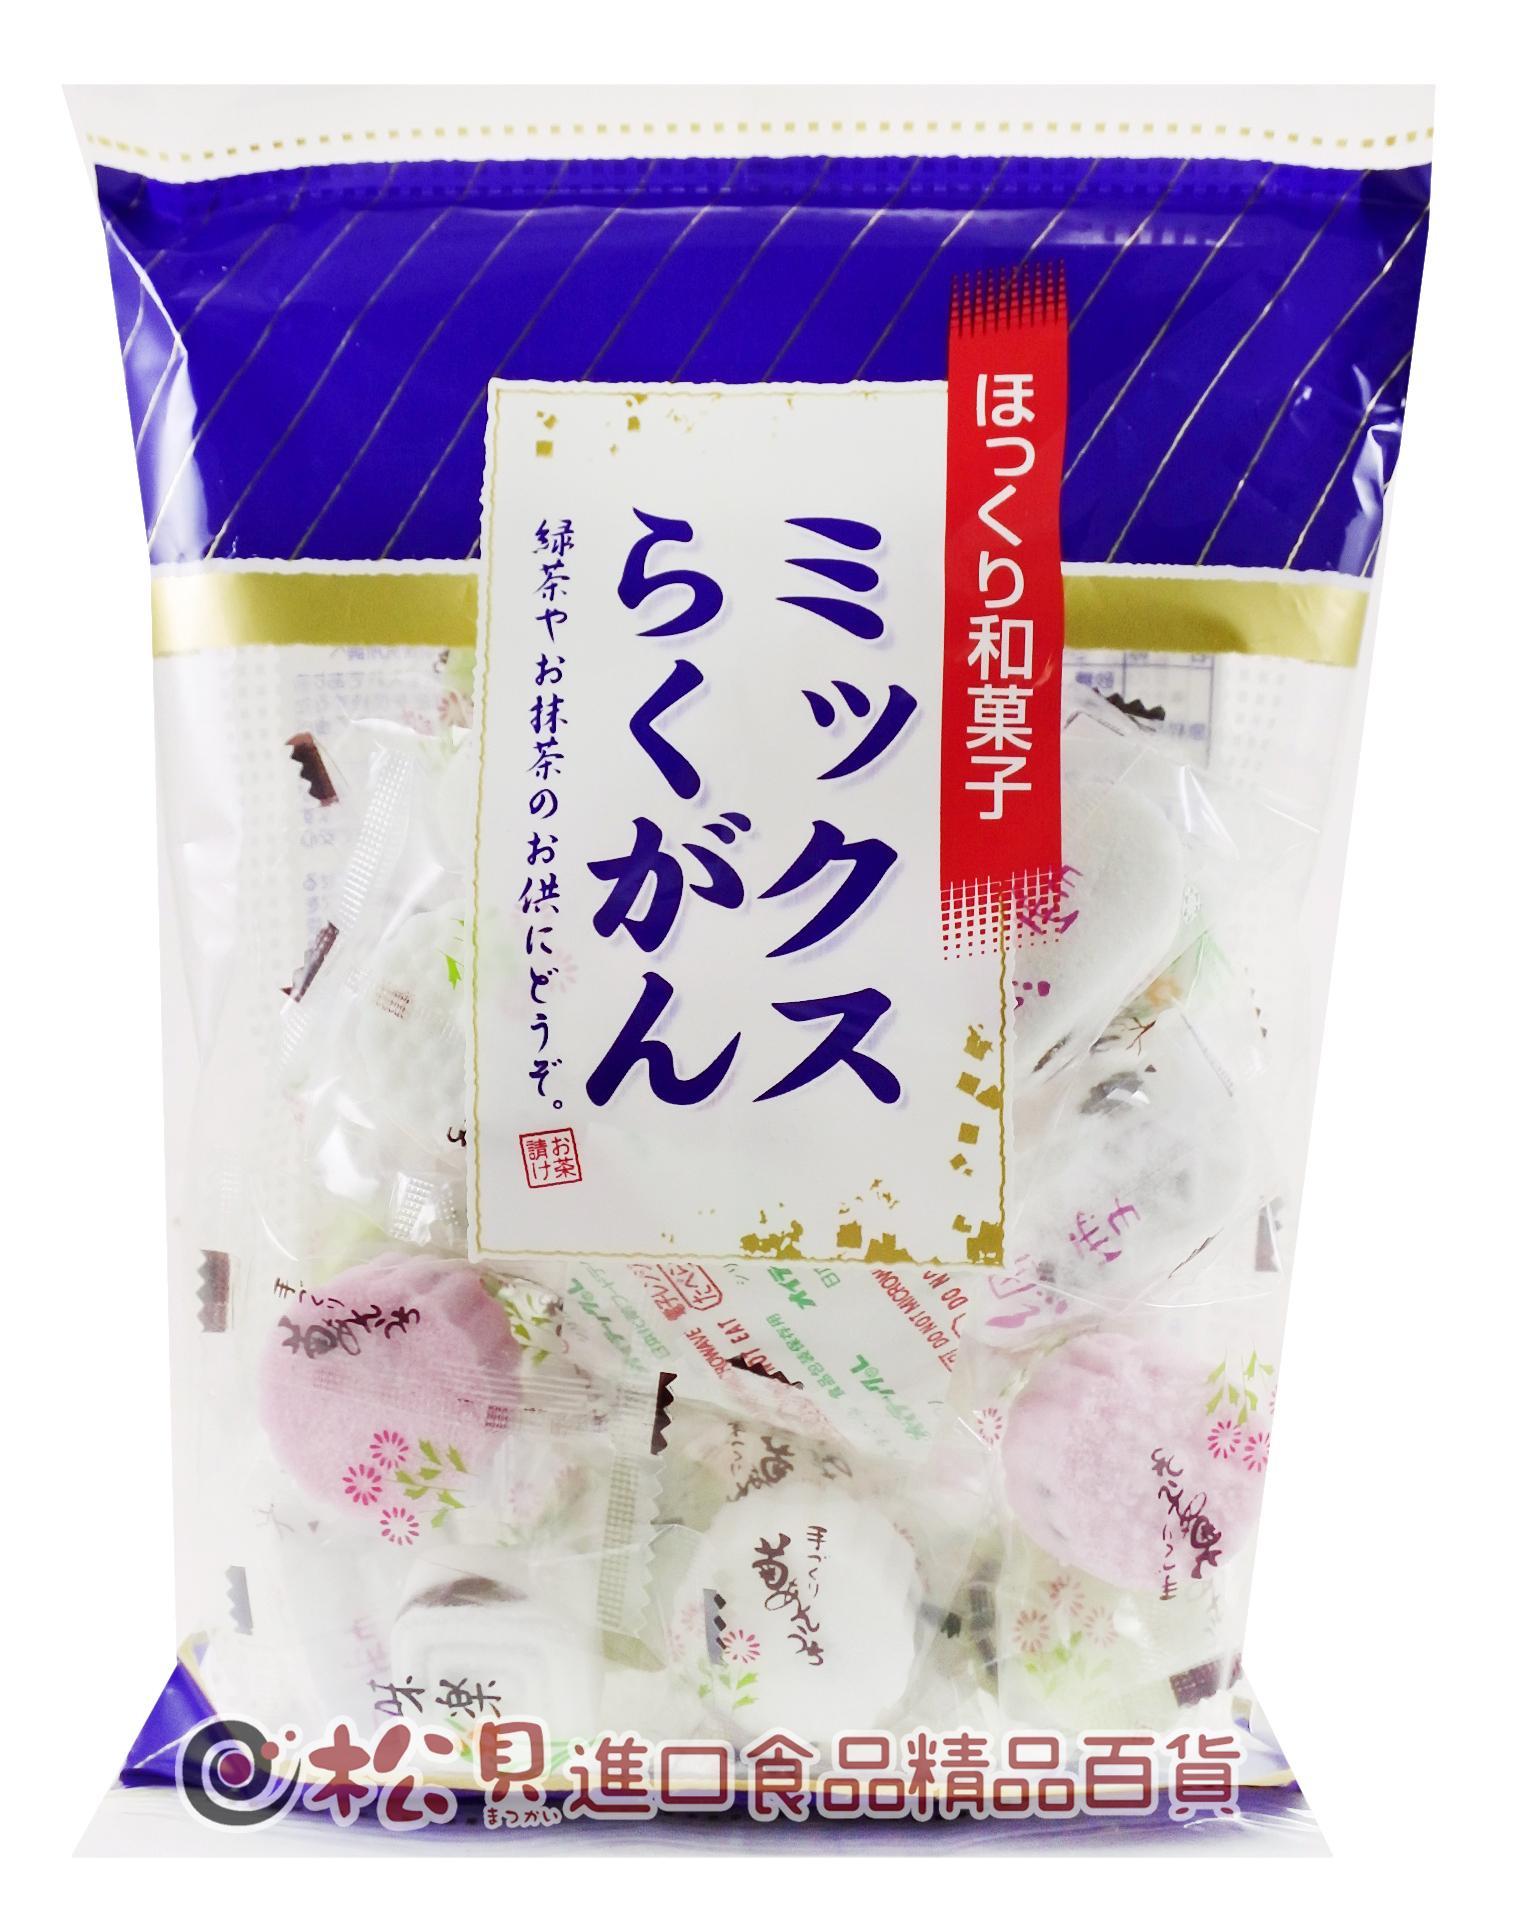 幸福堂味樂細雪和果子230g【4933121201222】.jpg